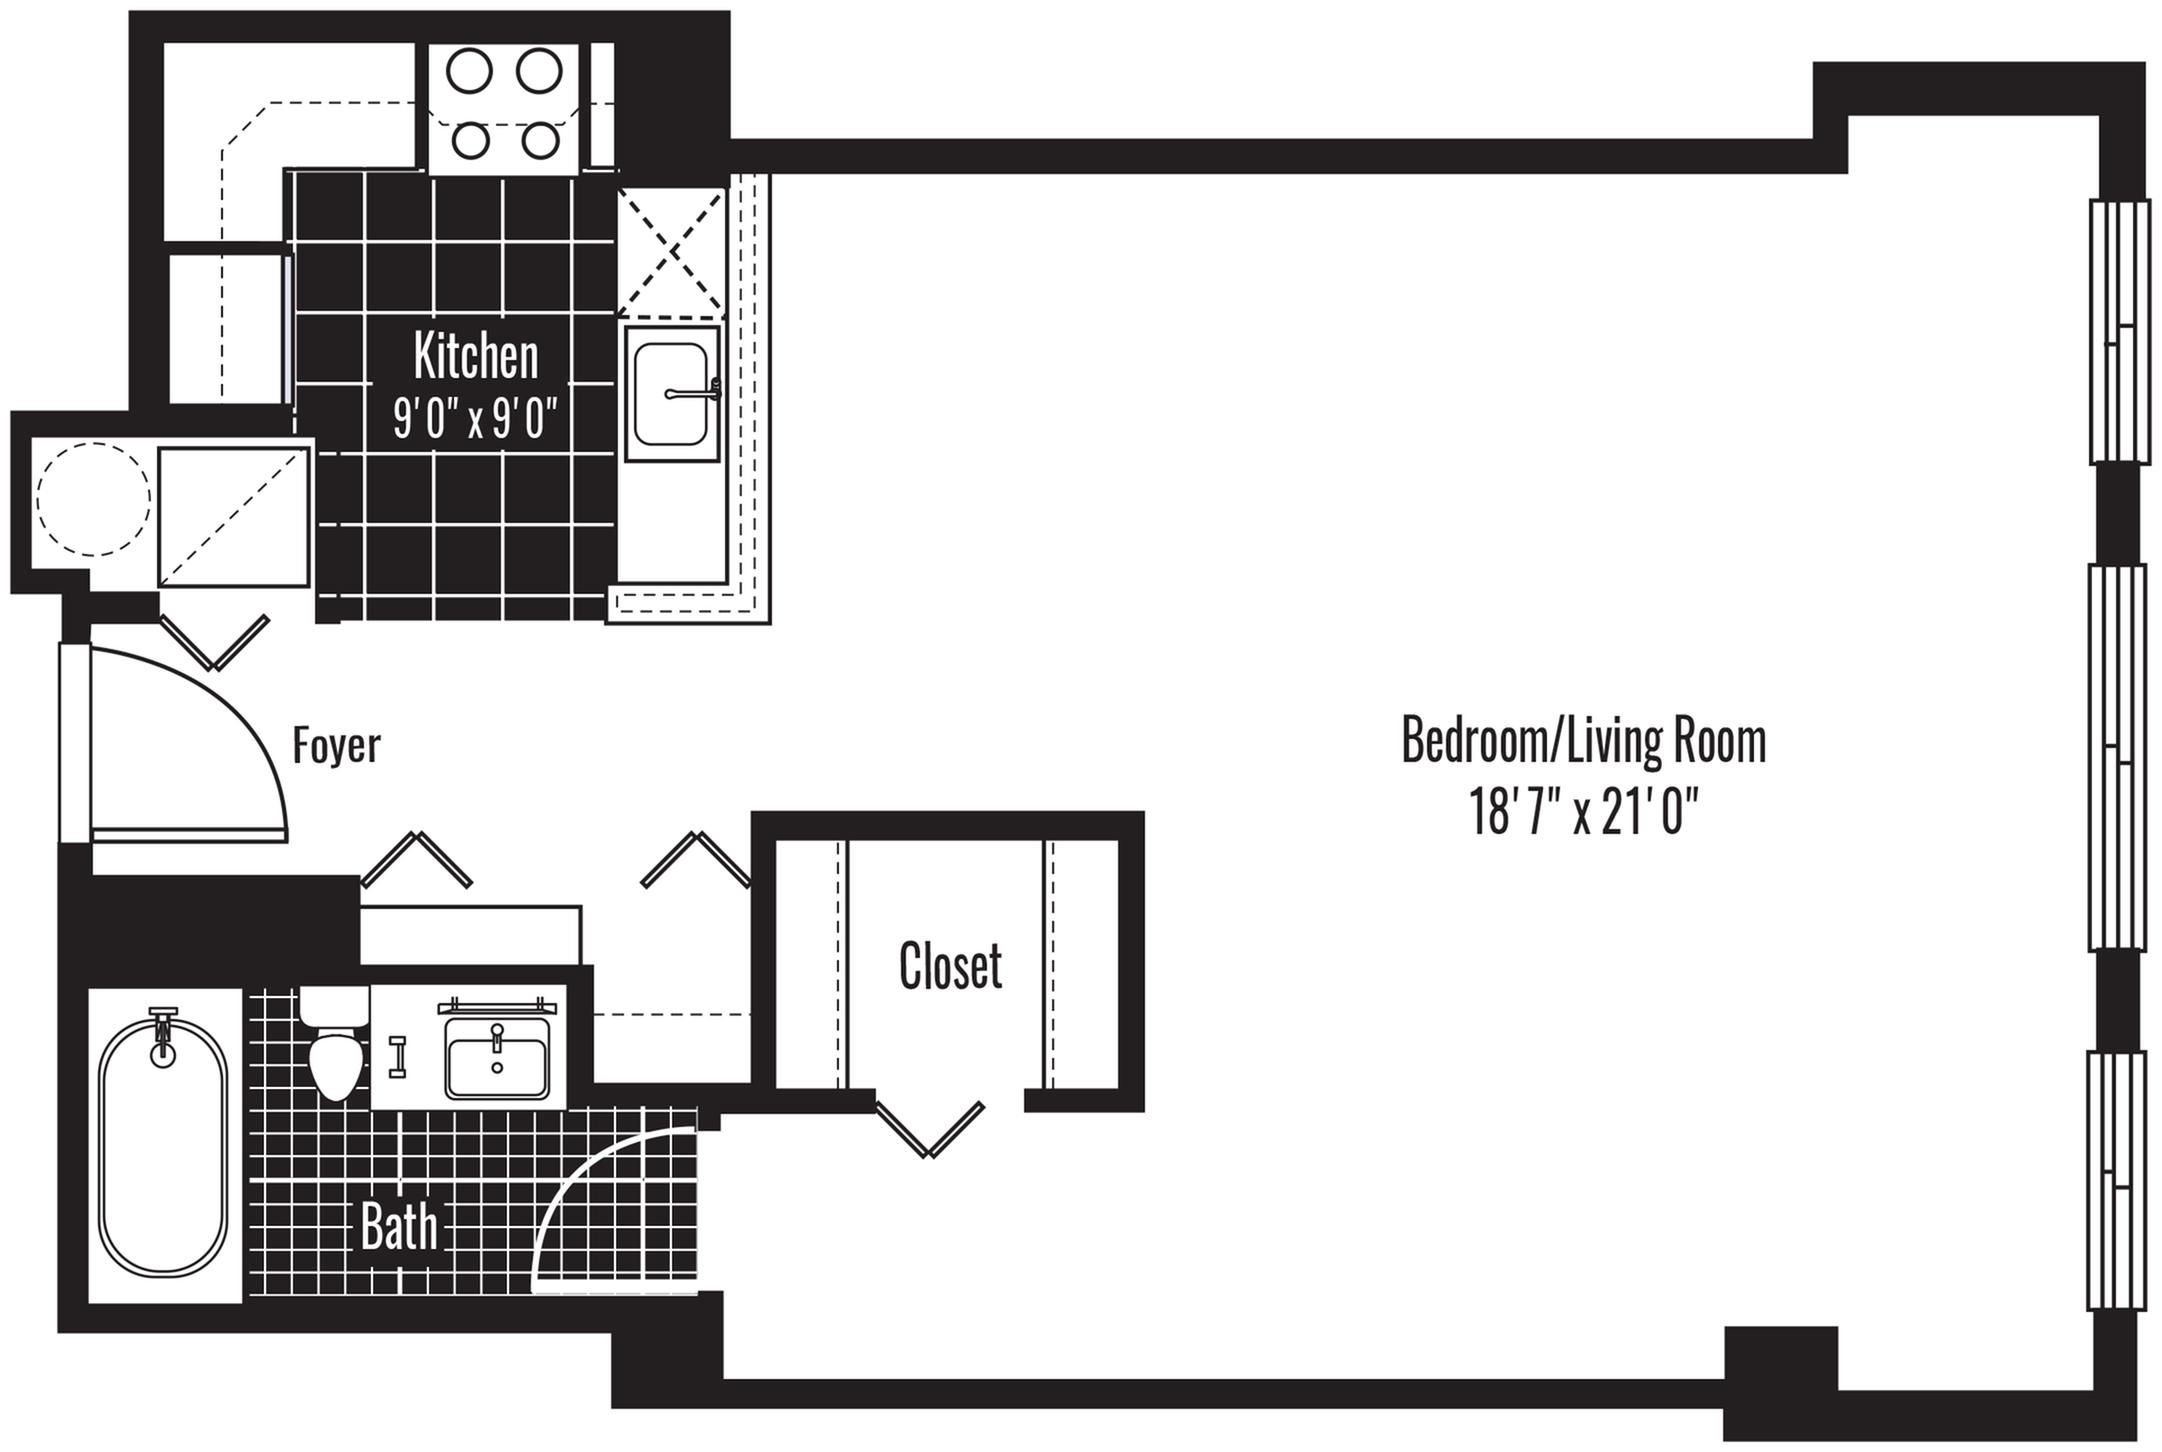 610 square foot studio one bath apartment floor plan image